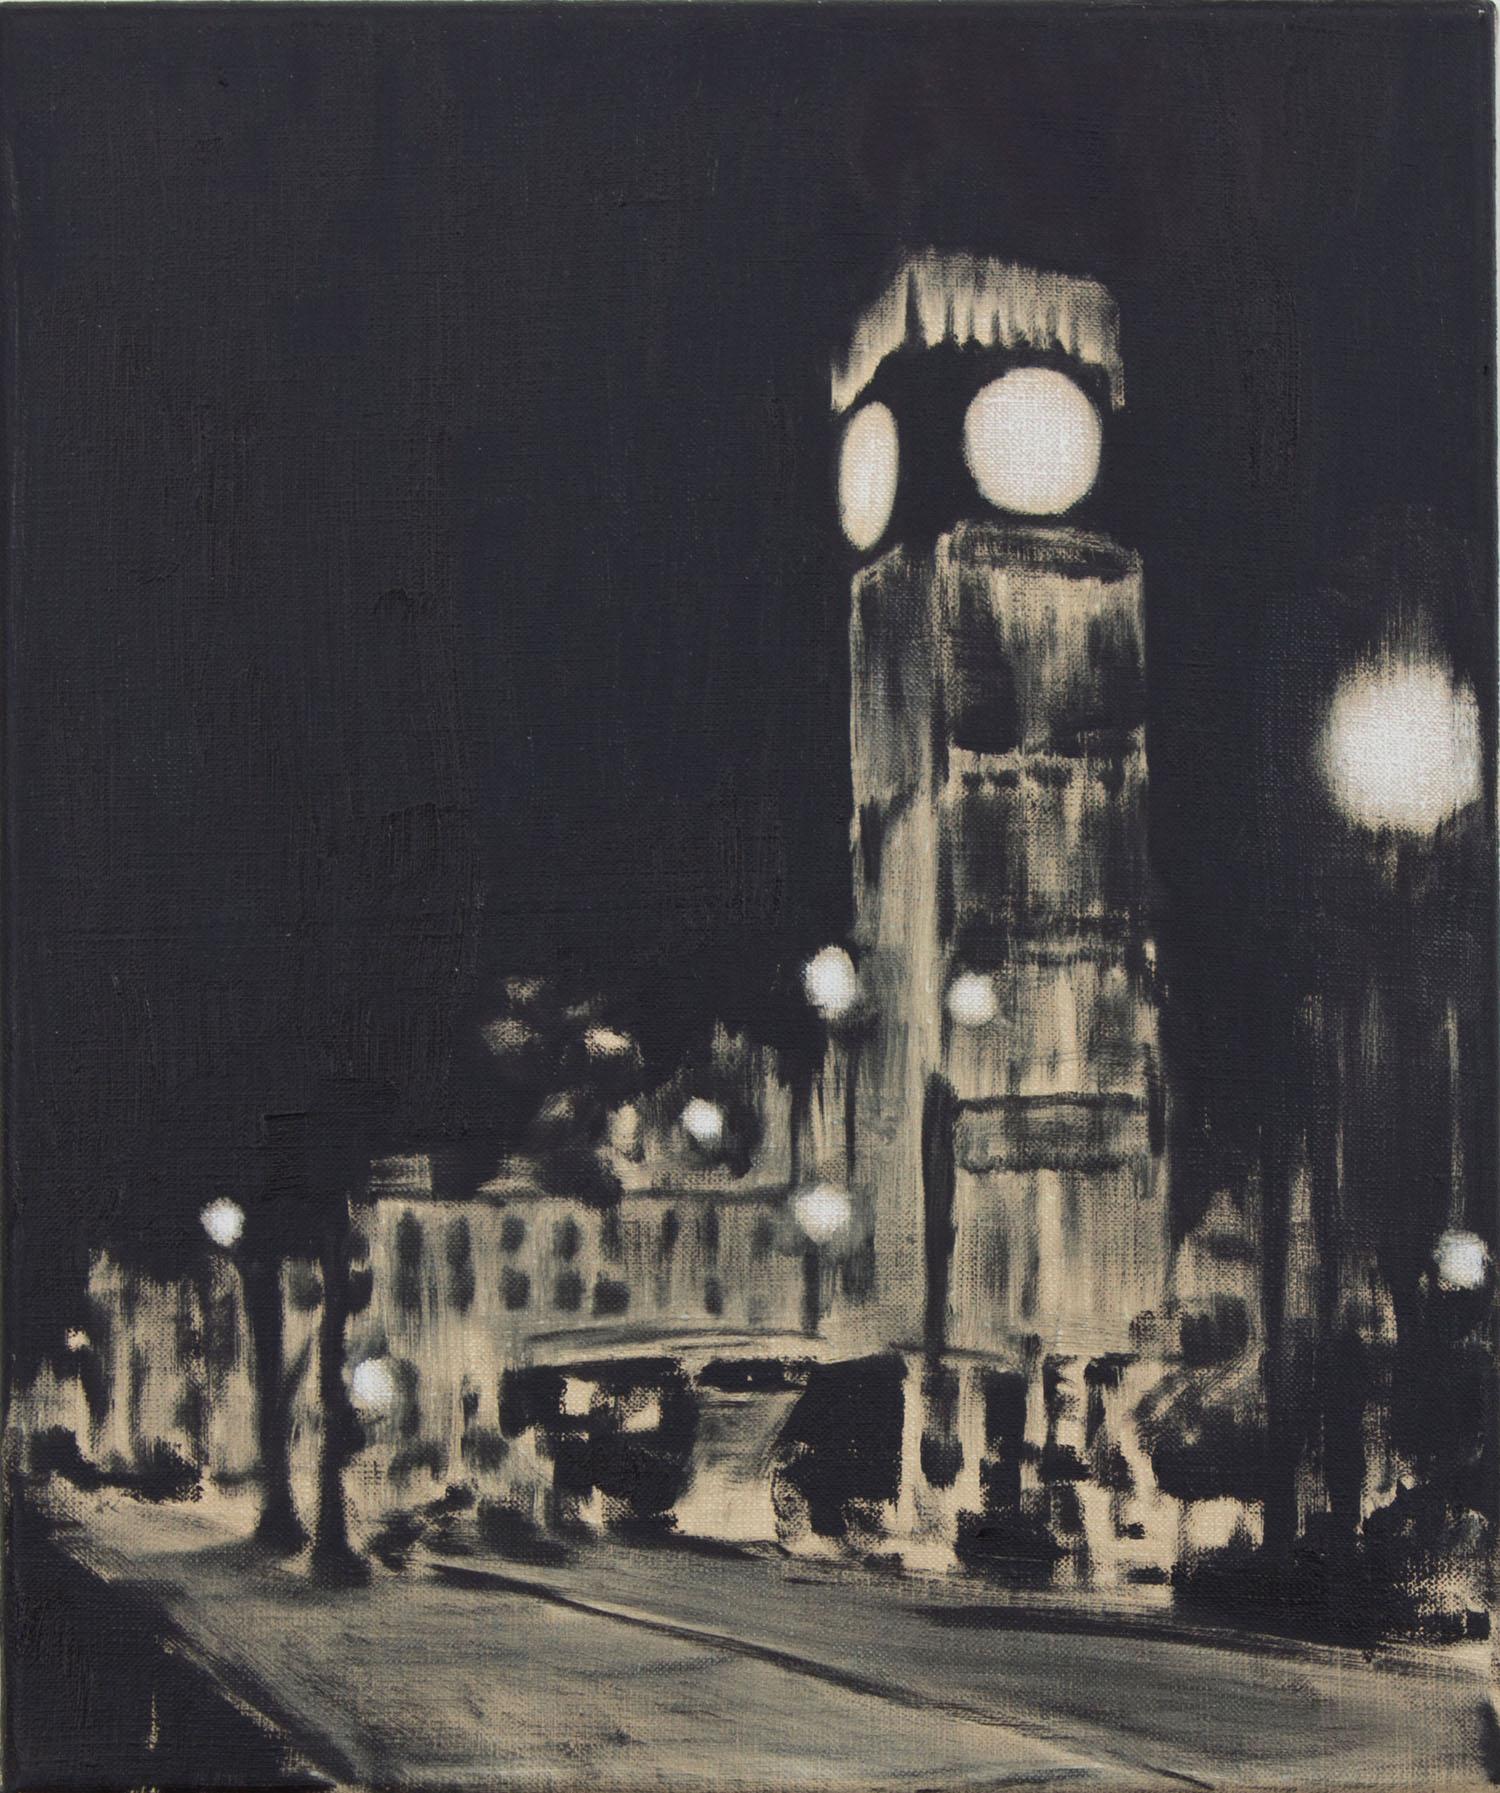 Gavin-O'Curry-2012-Westminster-oil-on-canvas-30-x-25-cm-€-950.jpg